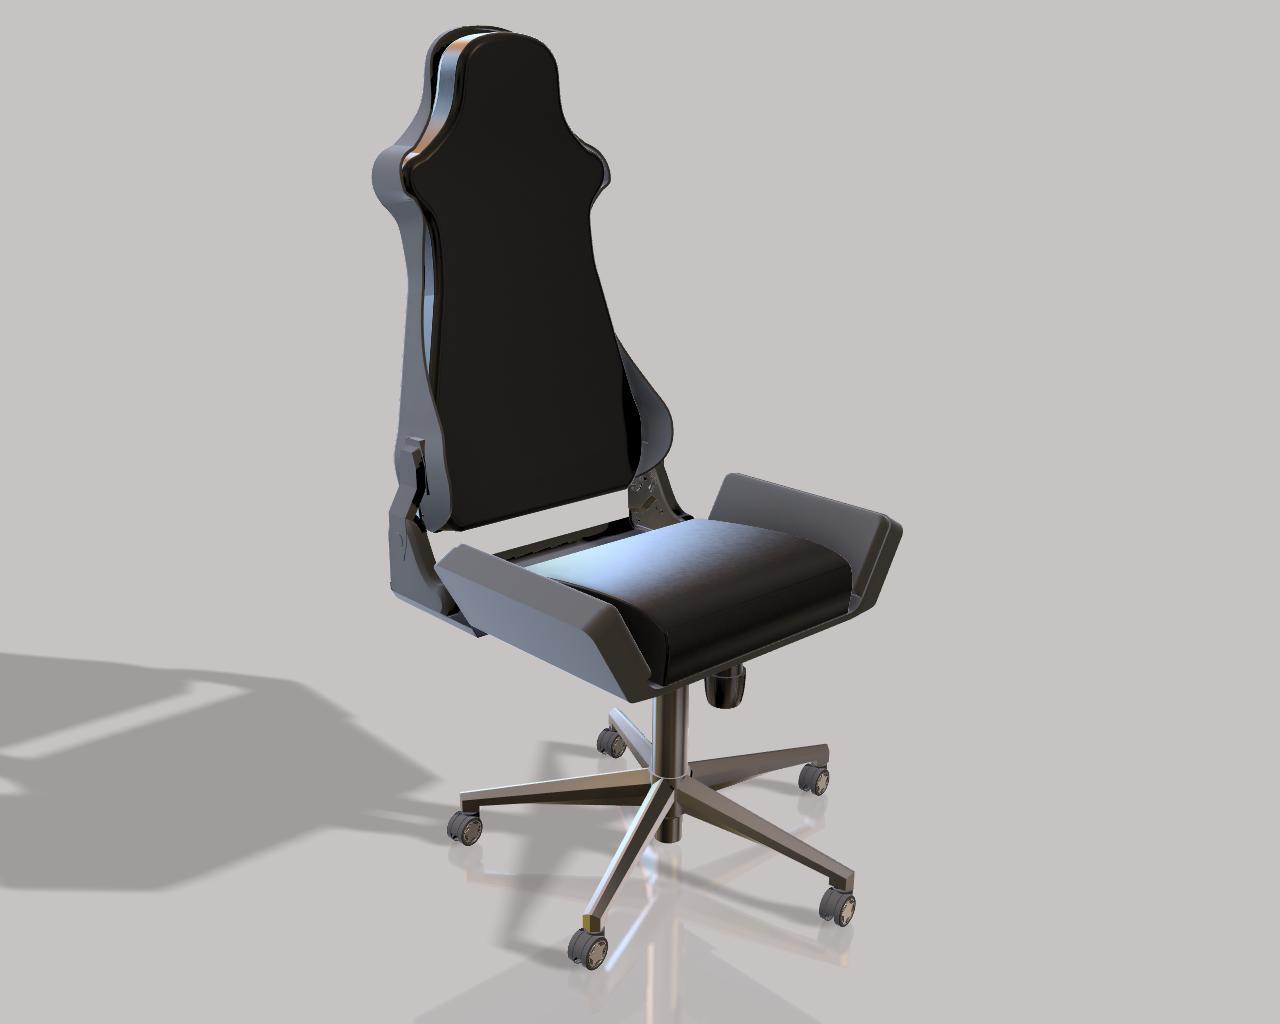 Objectifs de la formation Autodesk Fusion 360 comprenant la modélisation 3D d'un fauteuil de gamer